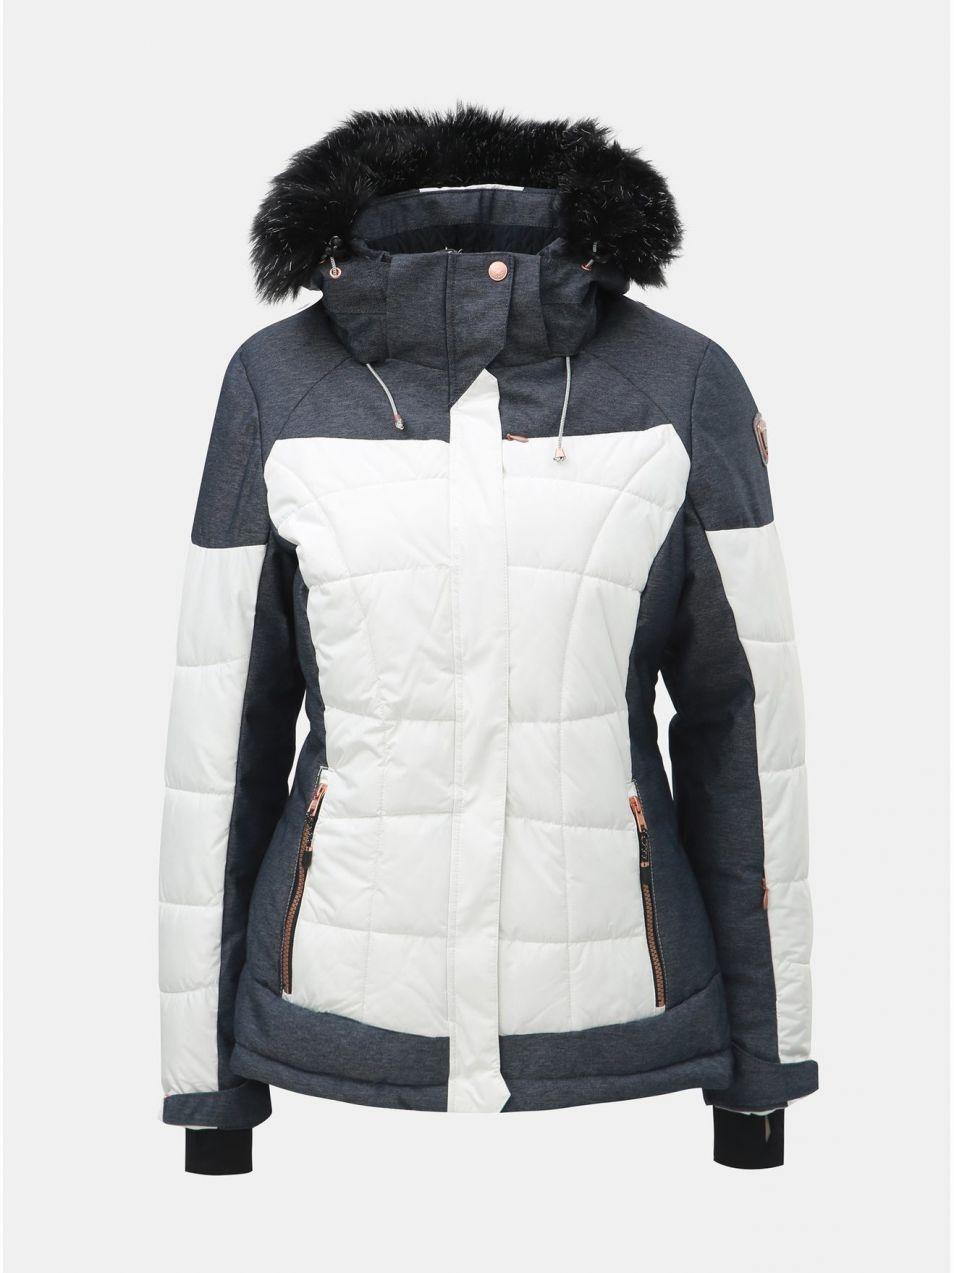 820a04a760 Modro–biela dámska nepremokavá lyžiarska bunda killtec Embla značky KILLTEC  - Lovely.sk